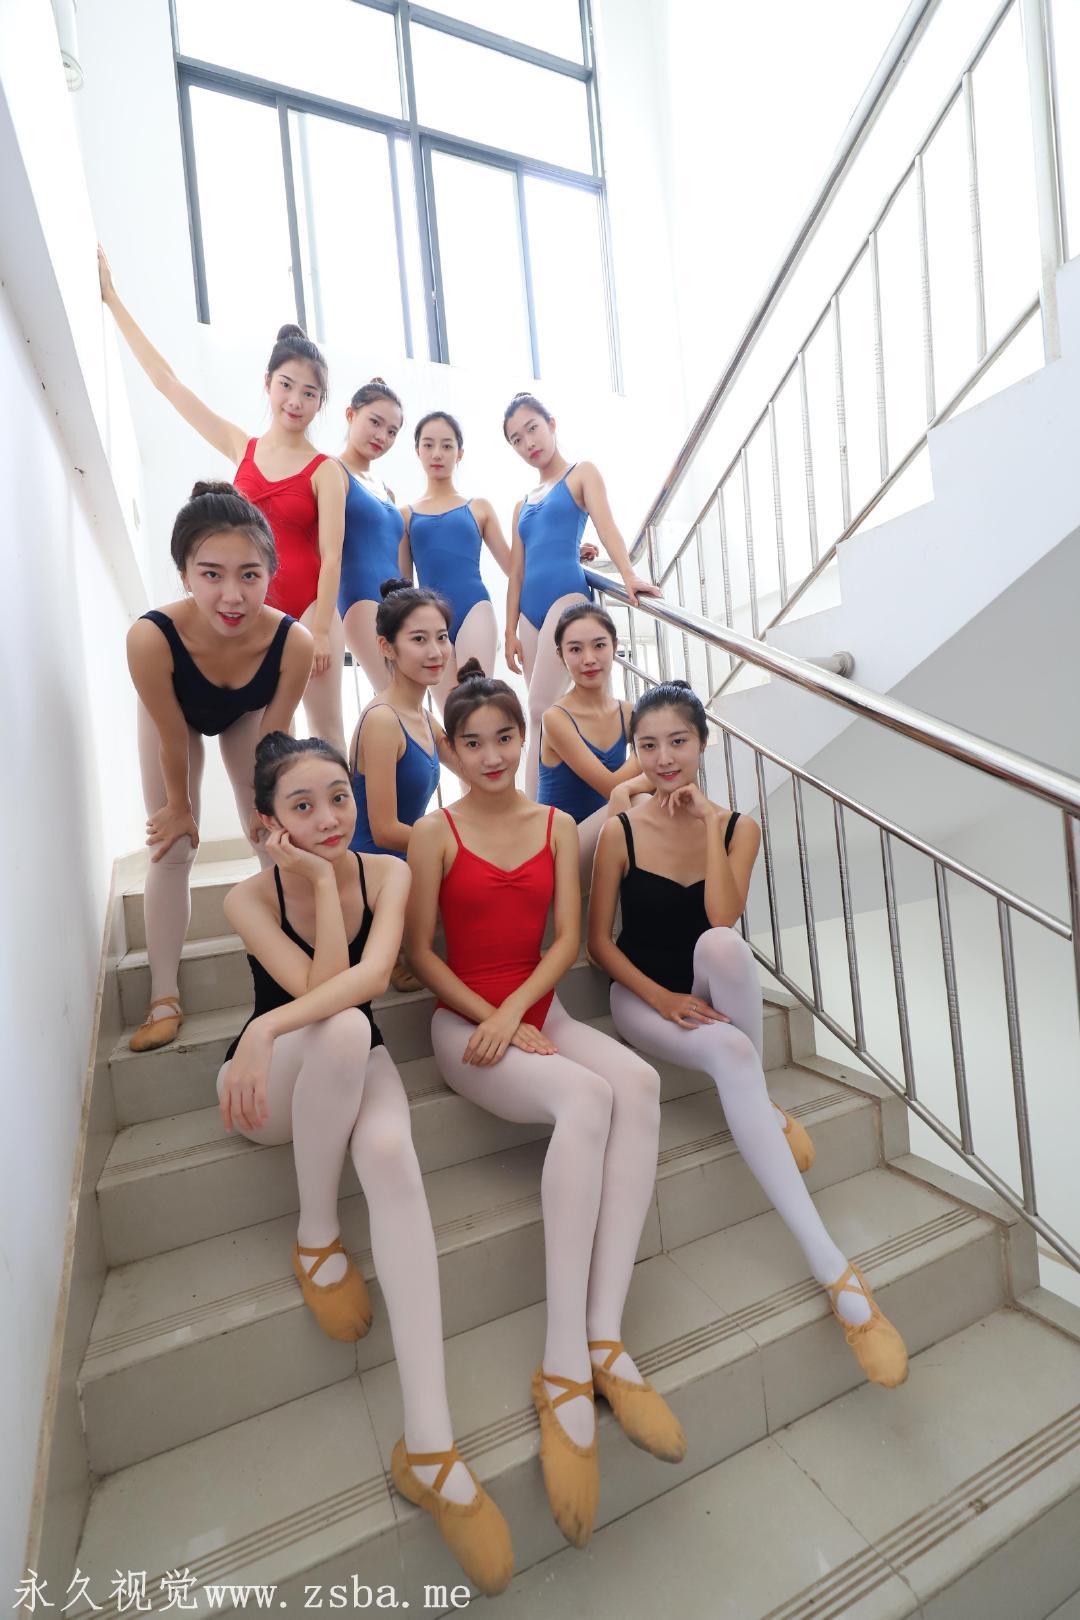 舞蹈学院练舞室实拍照片 美女小姐姐高清照片插图(9)